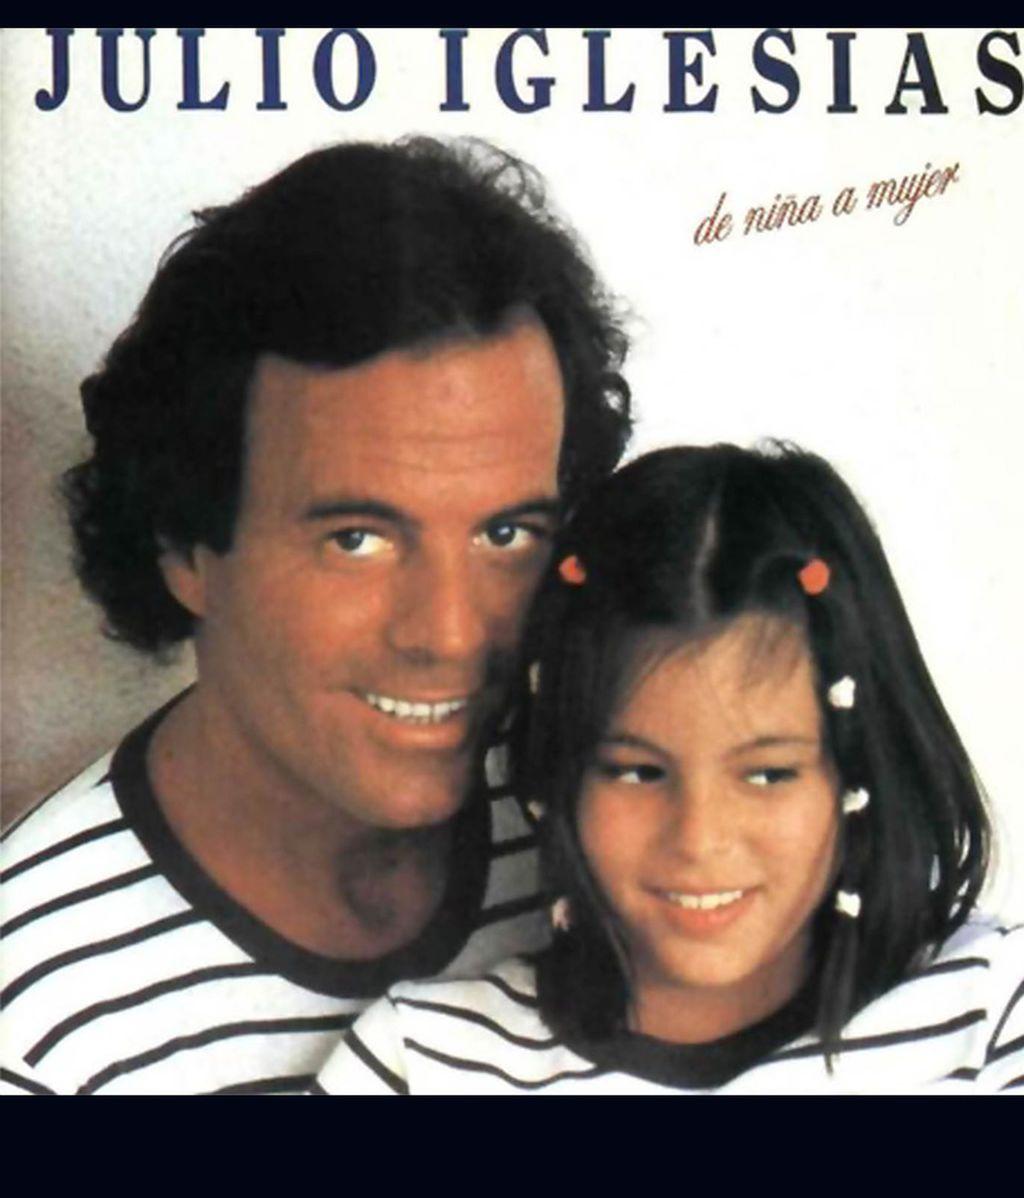 De niña a mujer, la canción que Julio Iglesias dedicó a su hija Chábeli